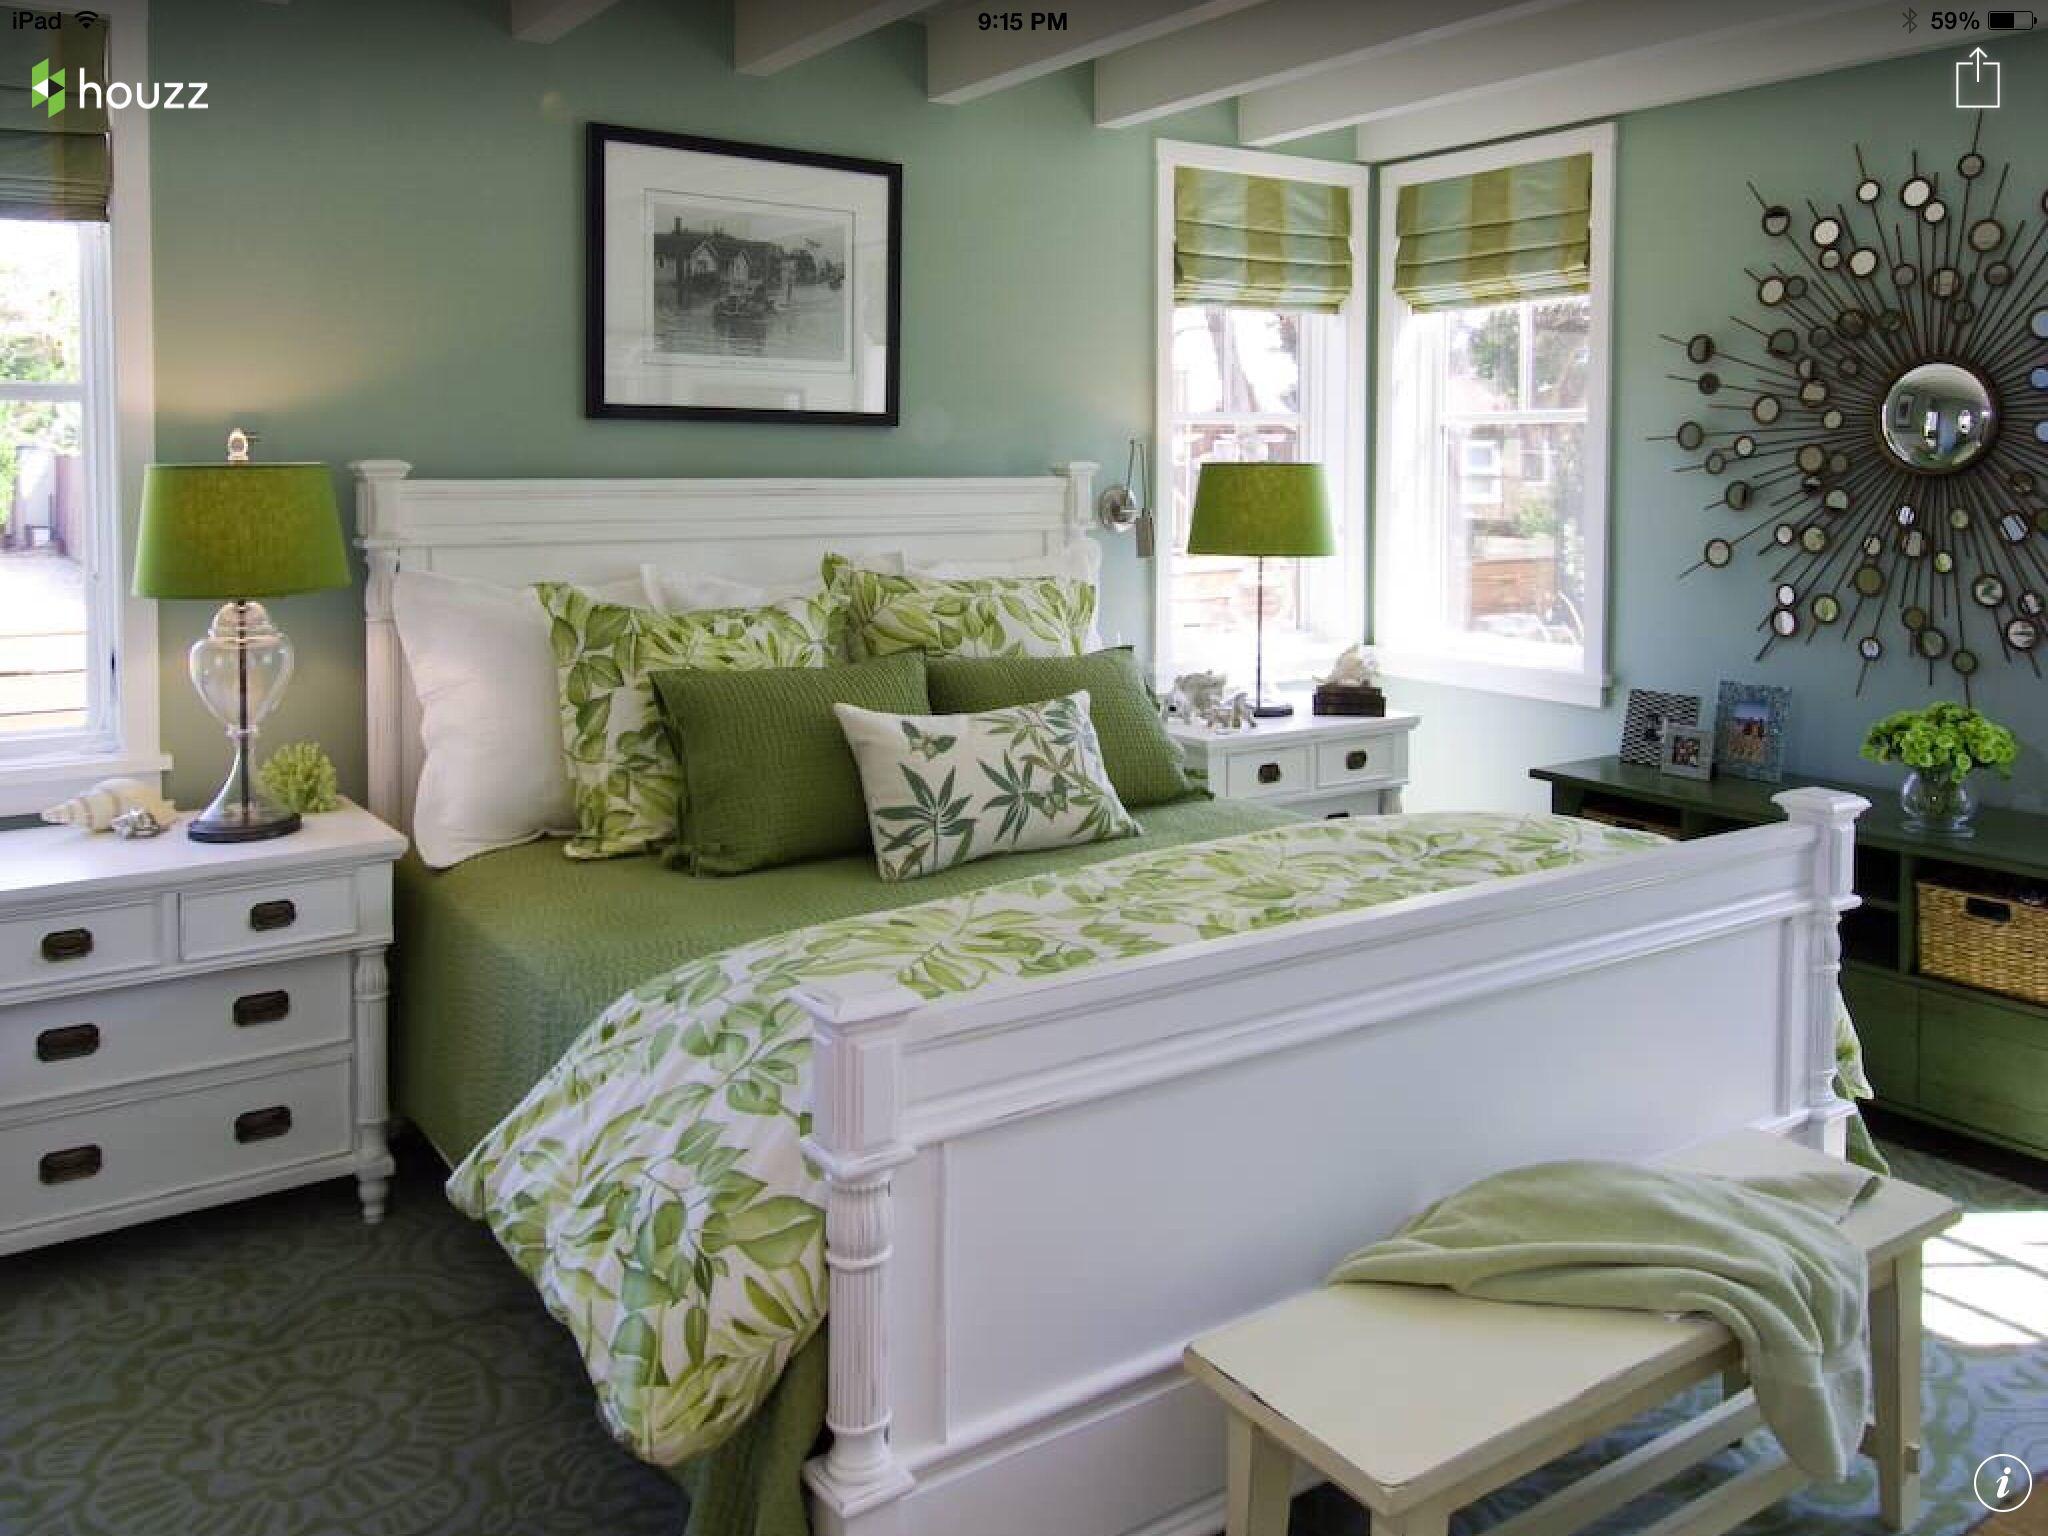 Habitaci n en verde y blanco ideas decoraci n for Ideas decoracion dormitorio matrimonio